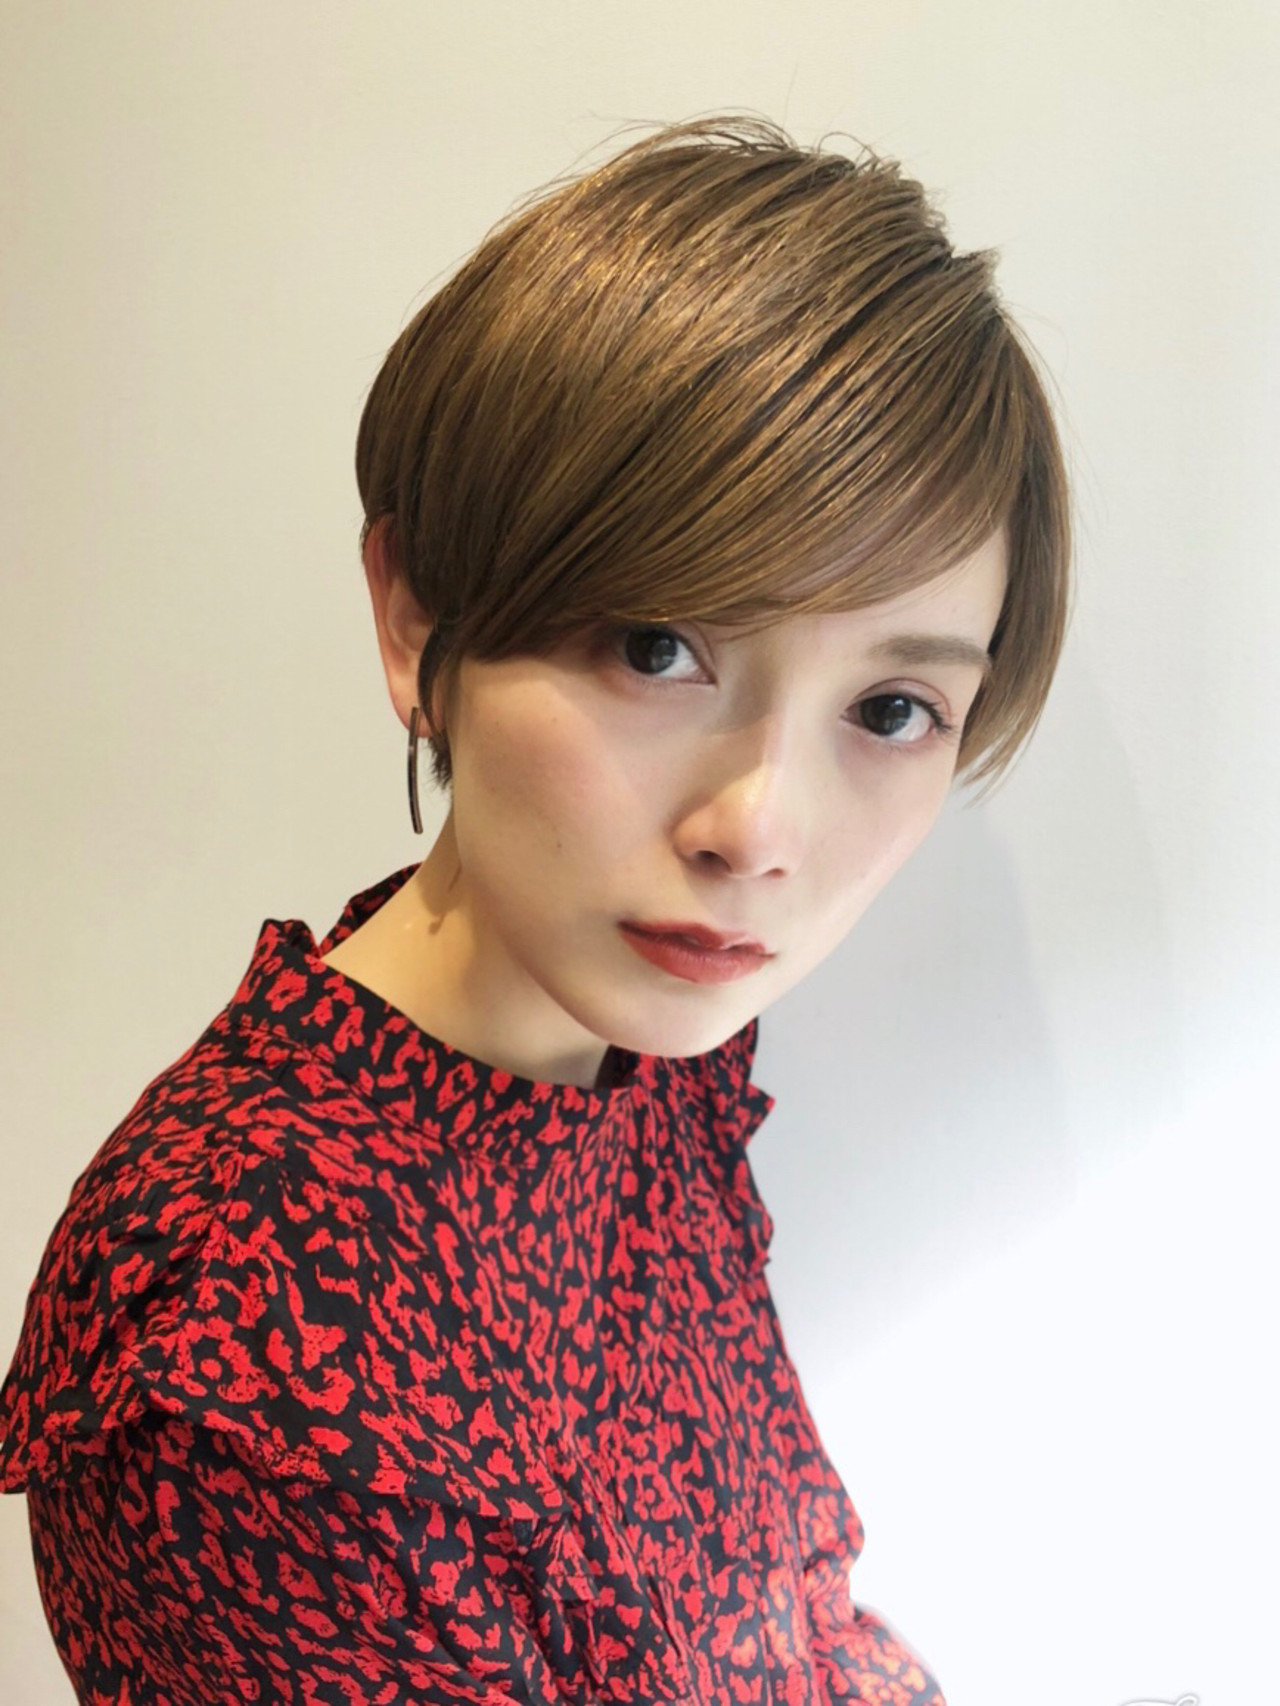 ハンサムショートをフェミニンに仕上げる Que hair director 高橋貴大Que hair